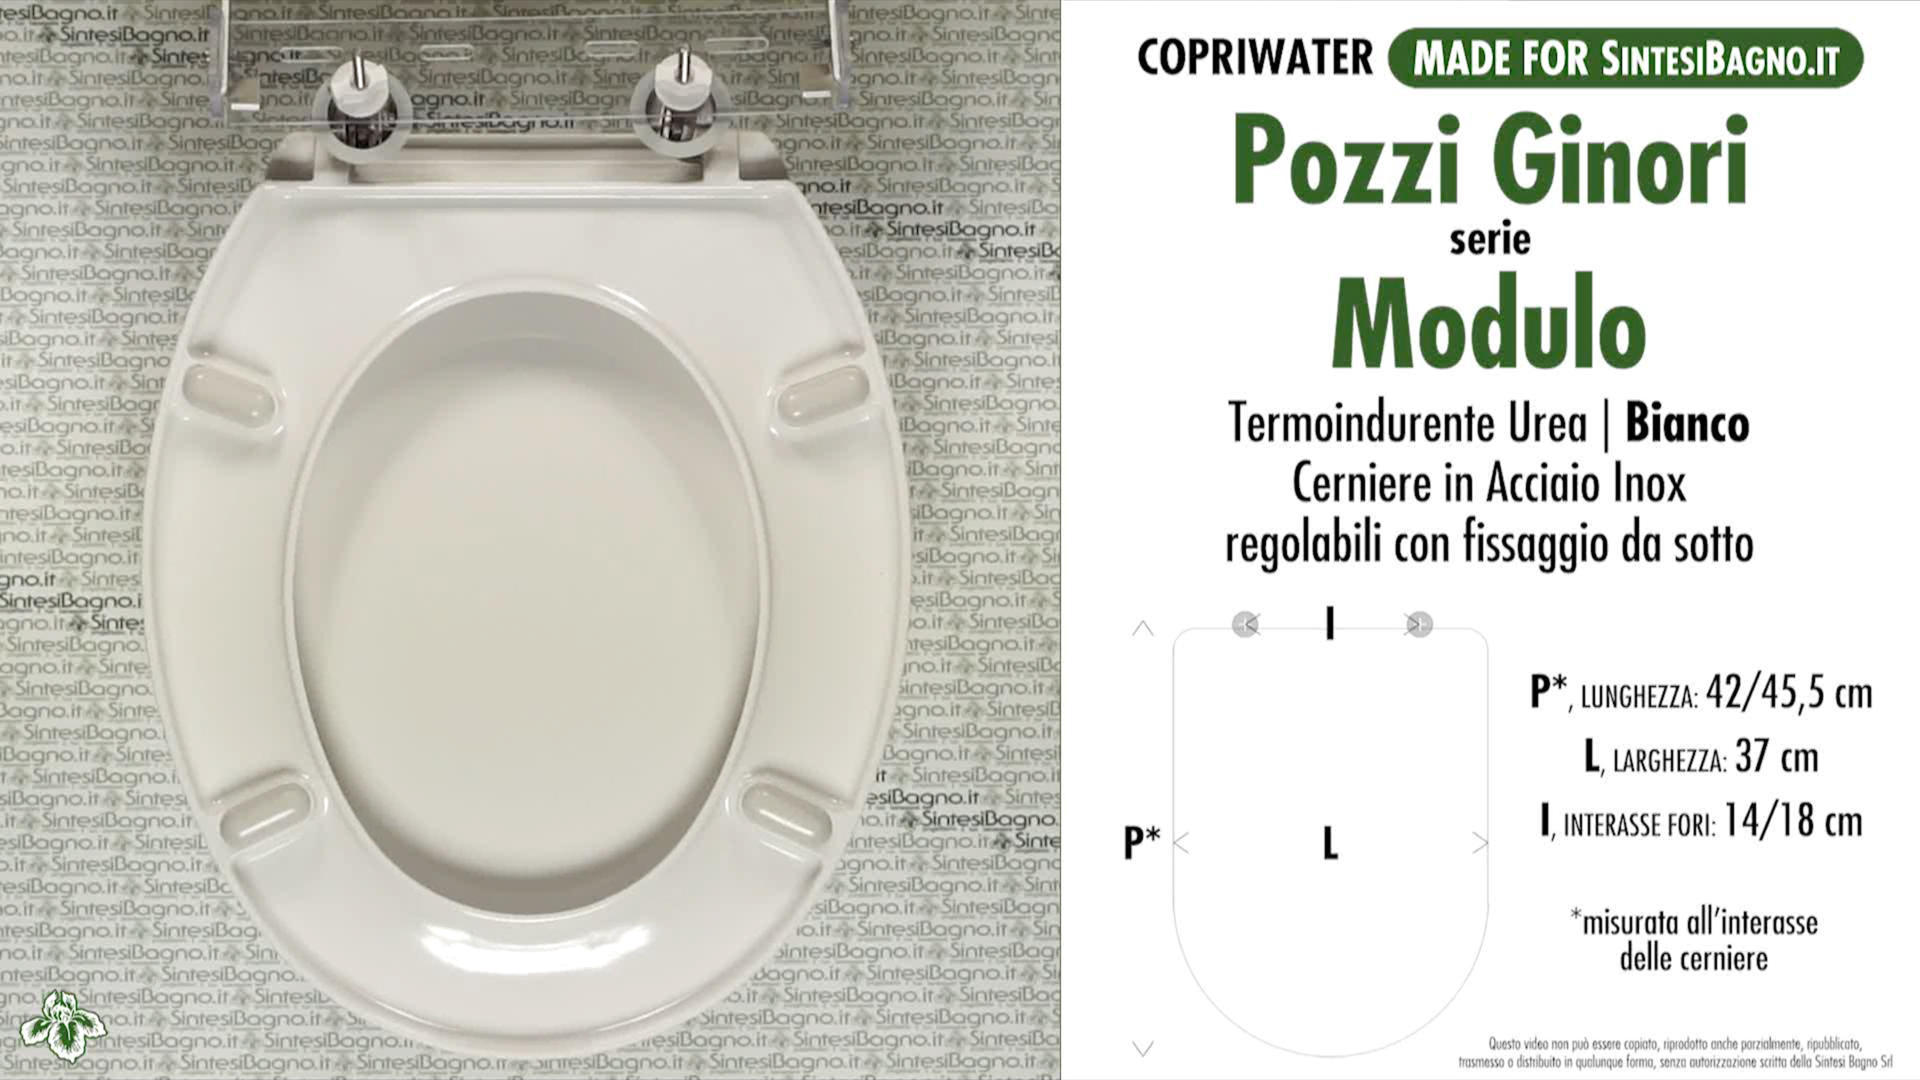 SCHEDA TECNICA MISURE copriwater POZZI GINORI MODULO